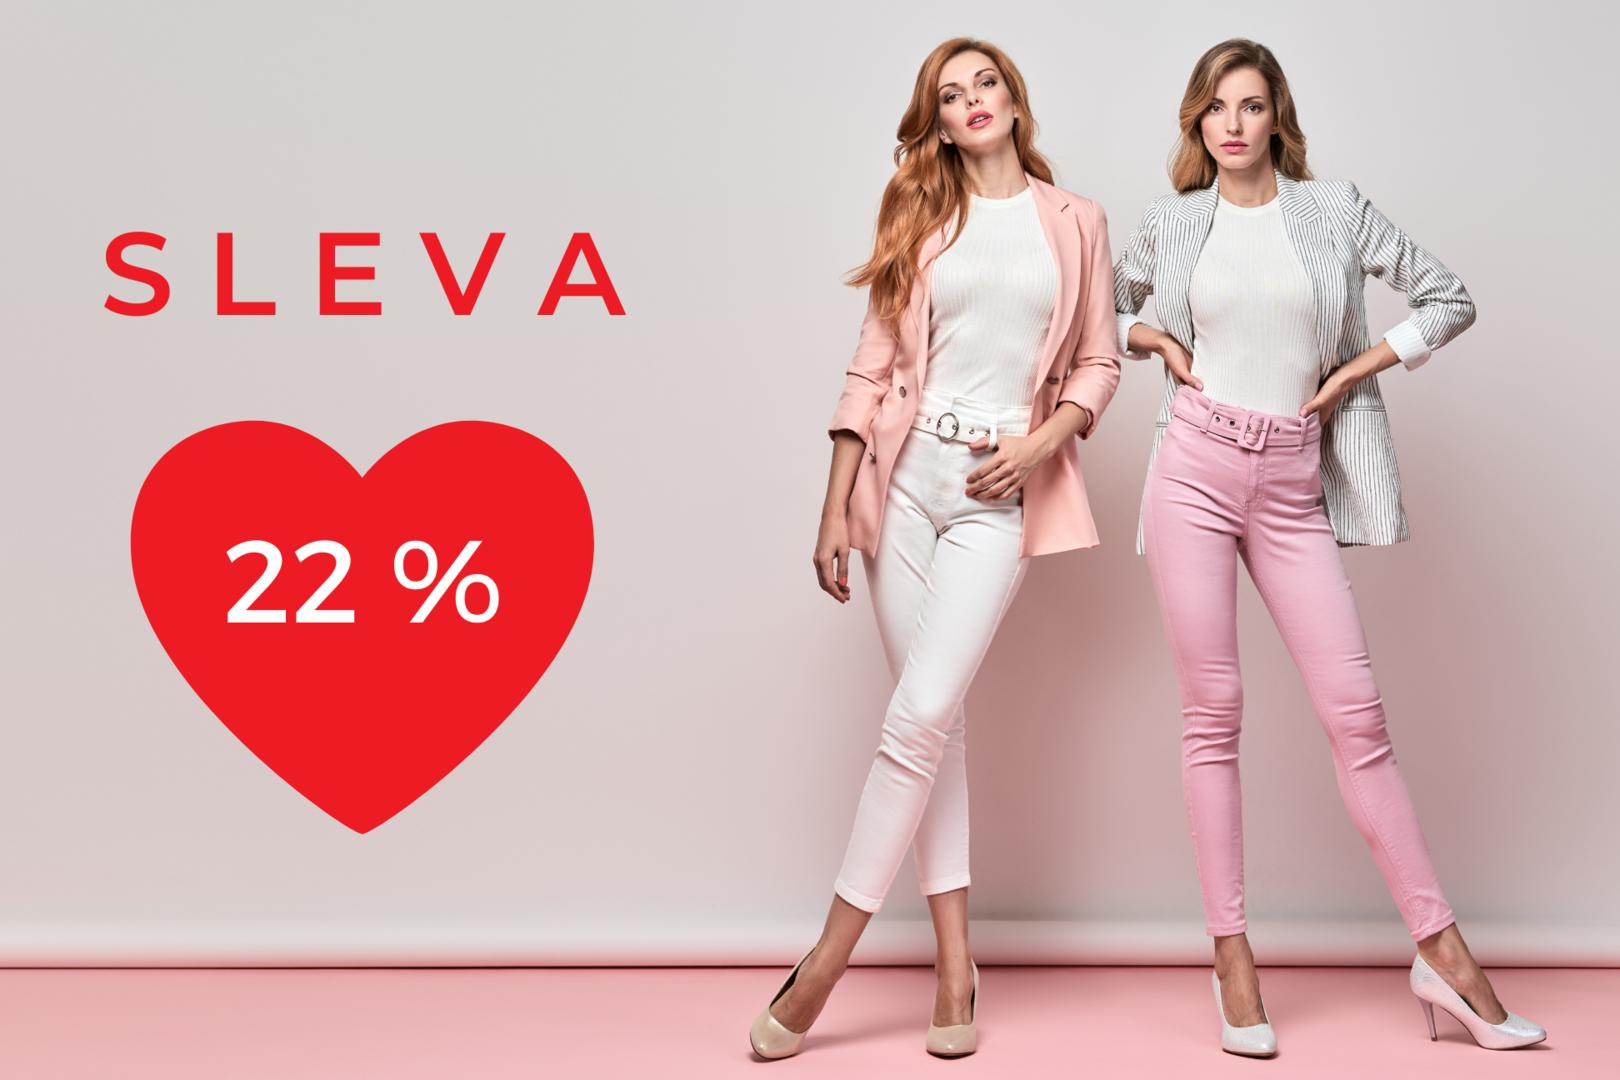 MARIANE sleva 22 %! Využijte časově omezenou nabídku v Praze a Brně.